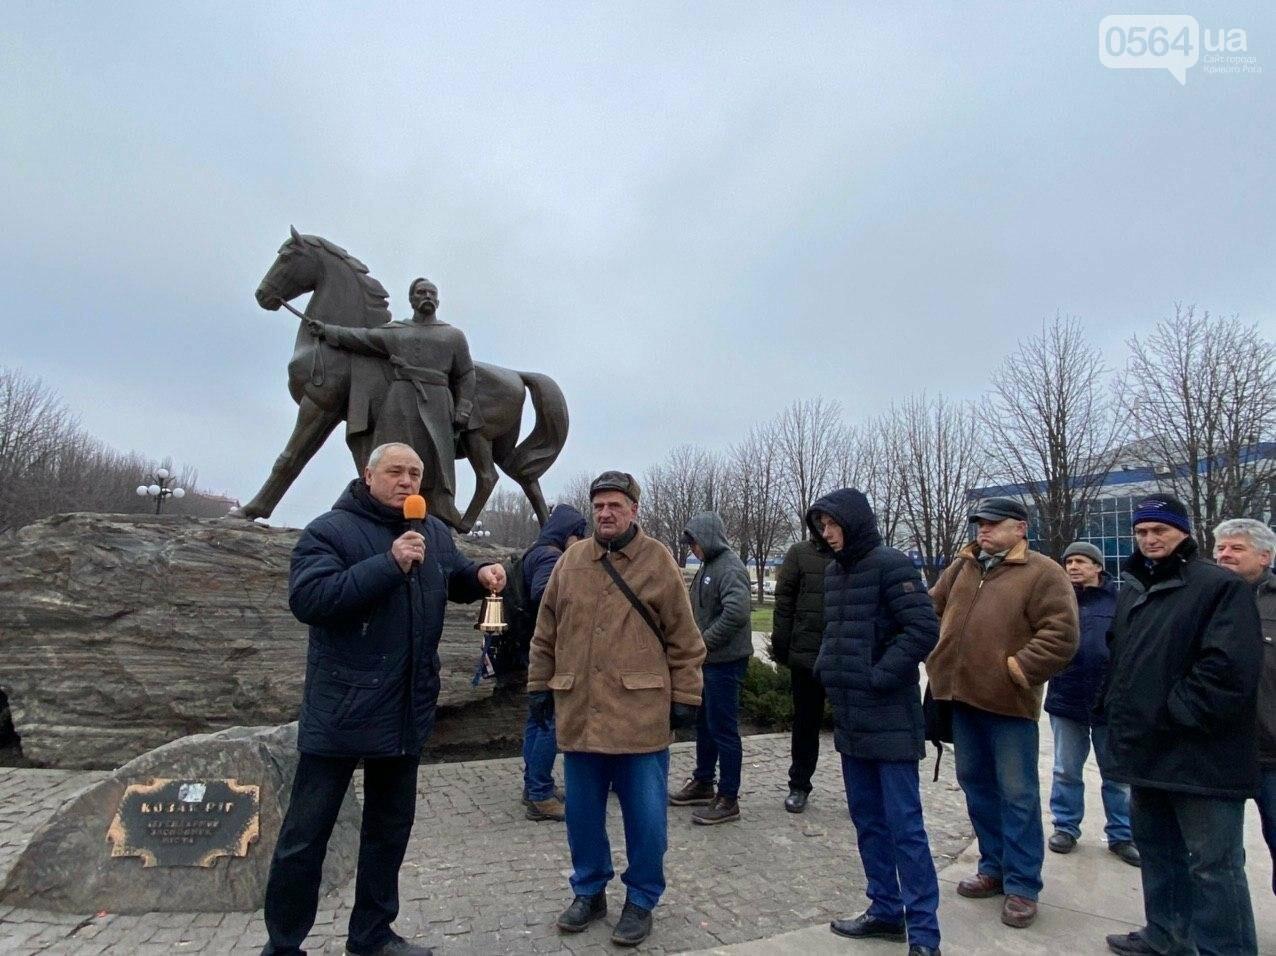 Криворожане записали видеообращение к земляку-президенту и рассказали, как ему убивают рейтинги в городе, - ФОТО, ВИДЕО , фото-1